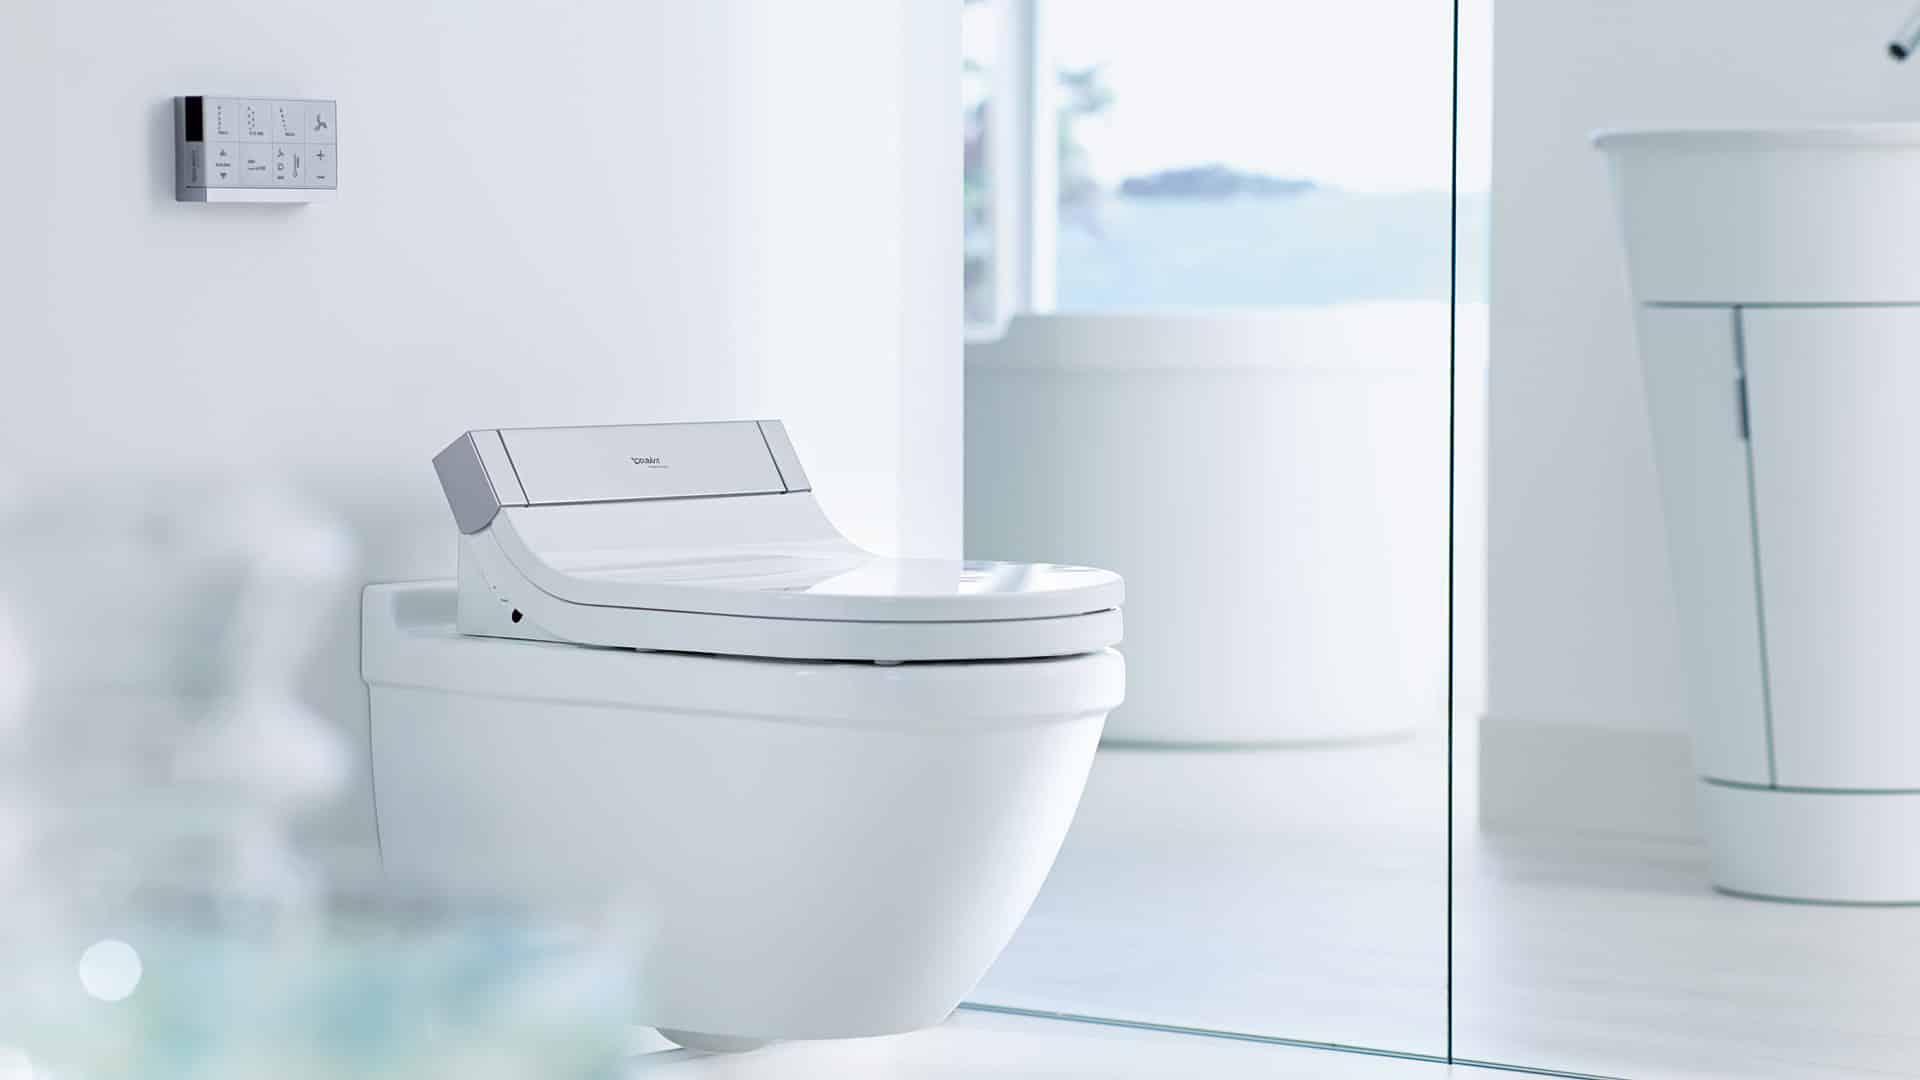 Comment fonctionnent les toilettes japonaises ?